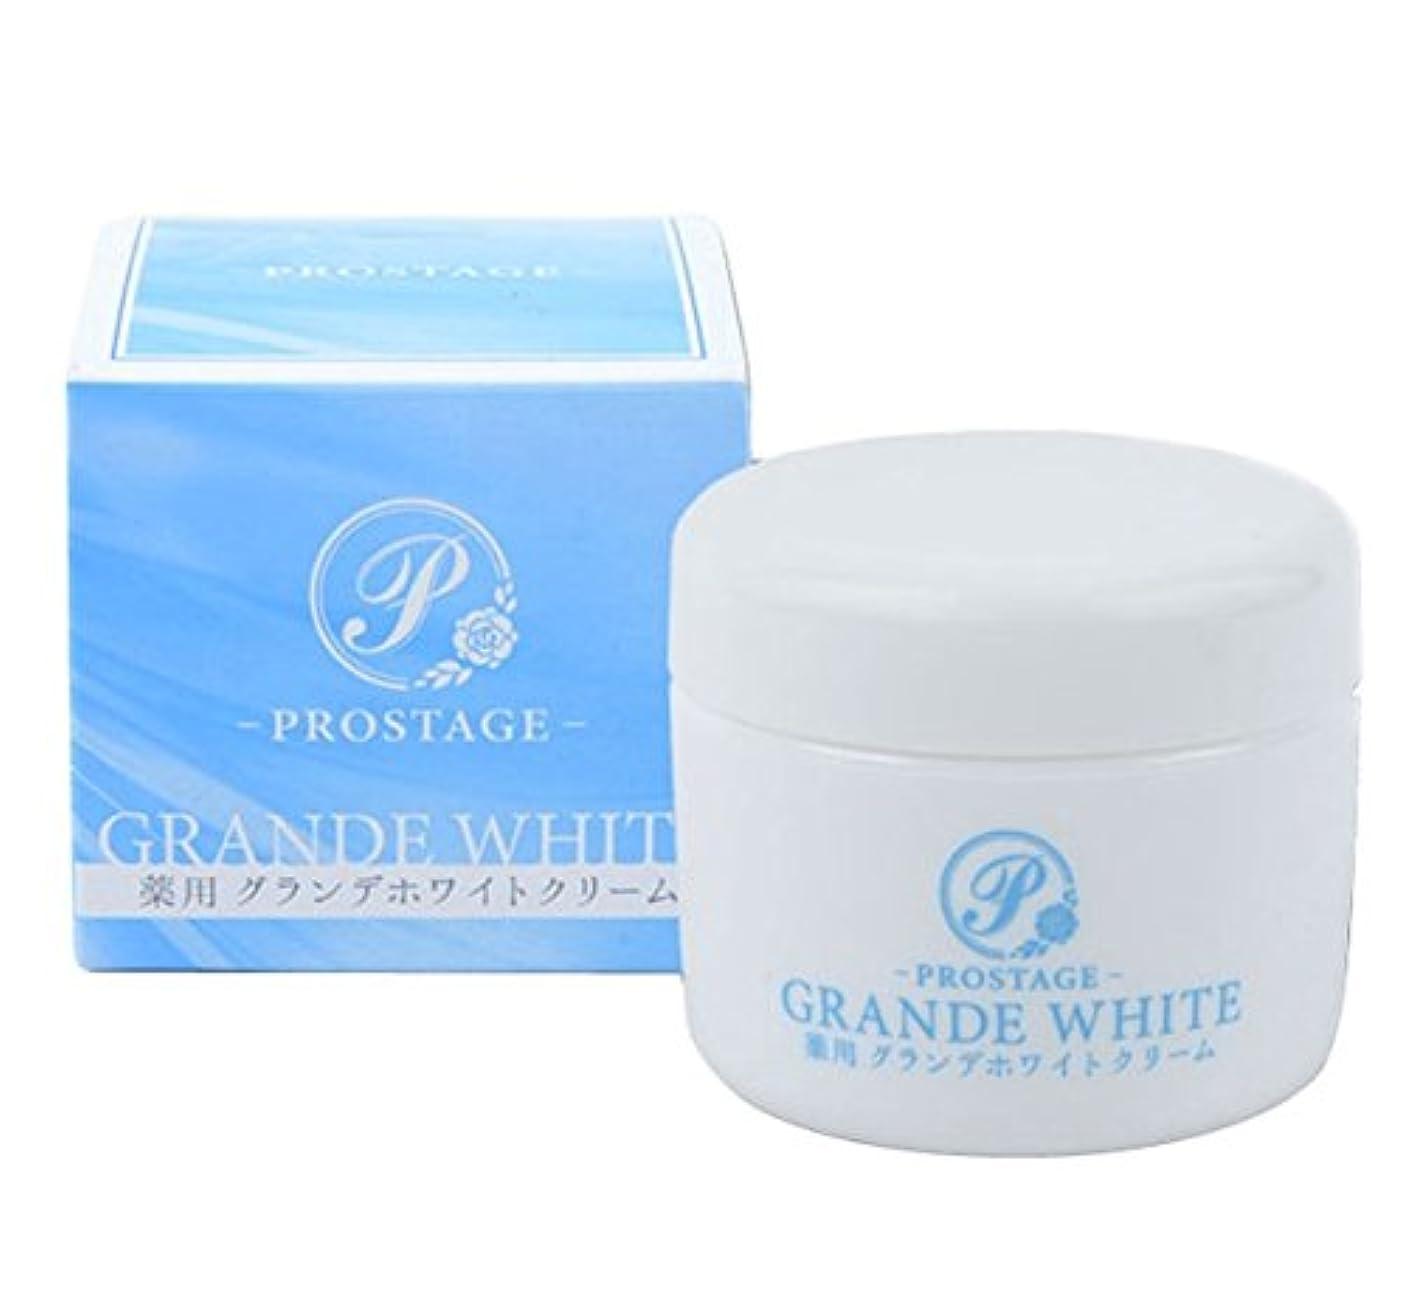 肯定的驚くべき薬用グランデホワイトクリーム PROSTAGE ホワイトニングクリーム 大容量80g (2個)